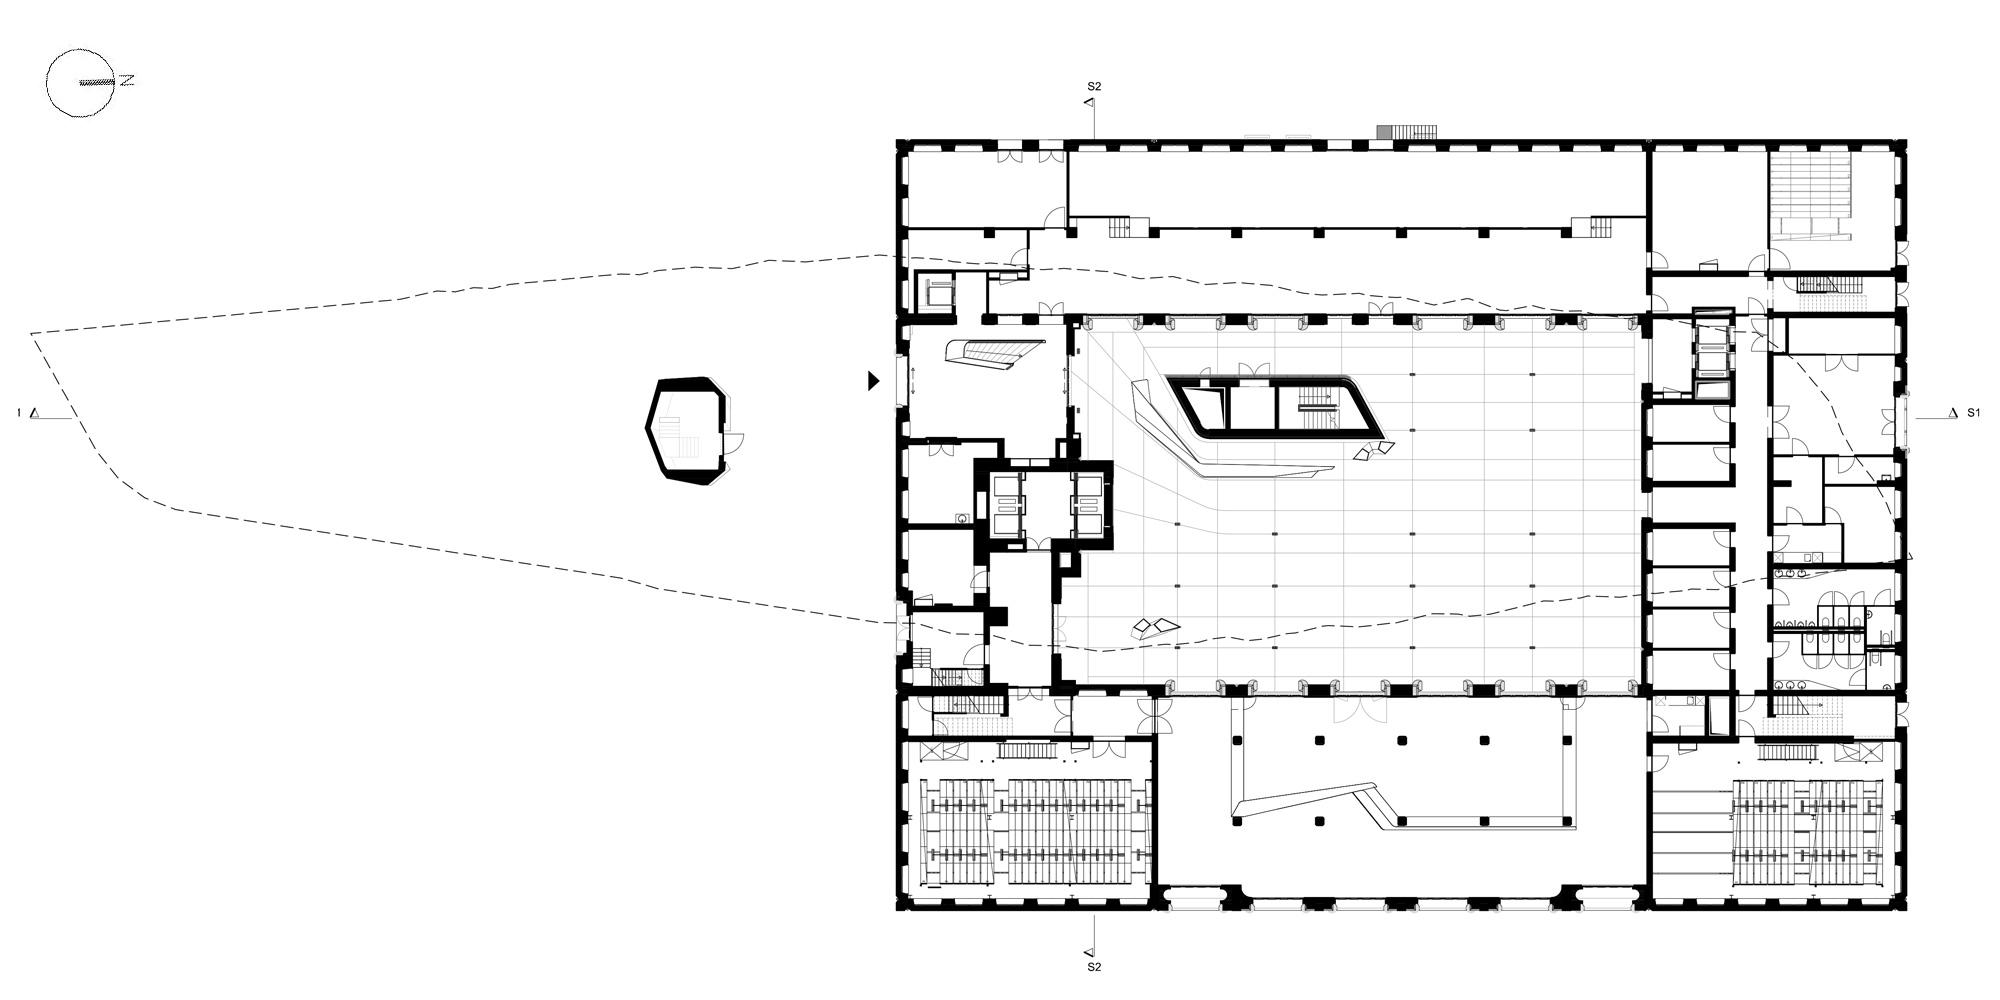 Pianta piano terra © Zaha Hadid Architects